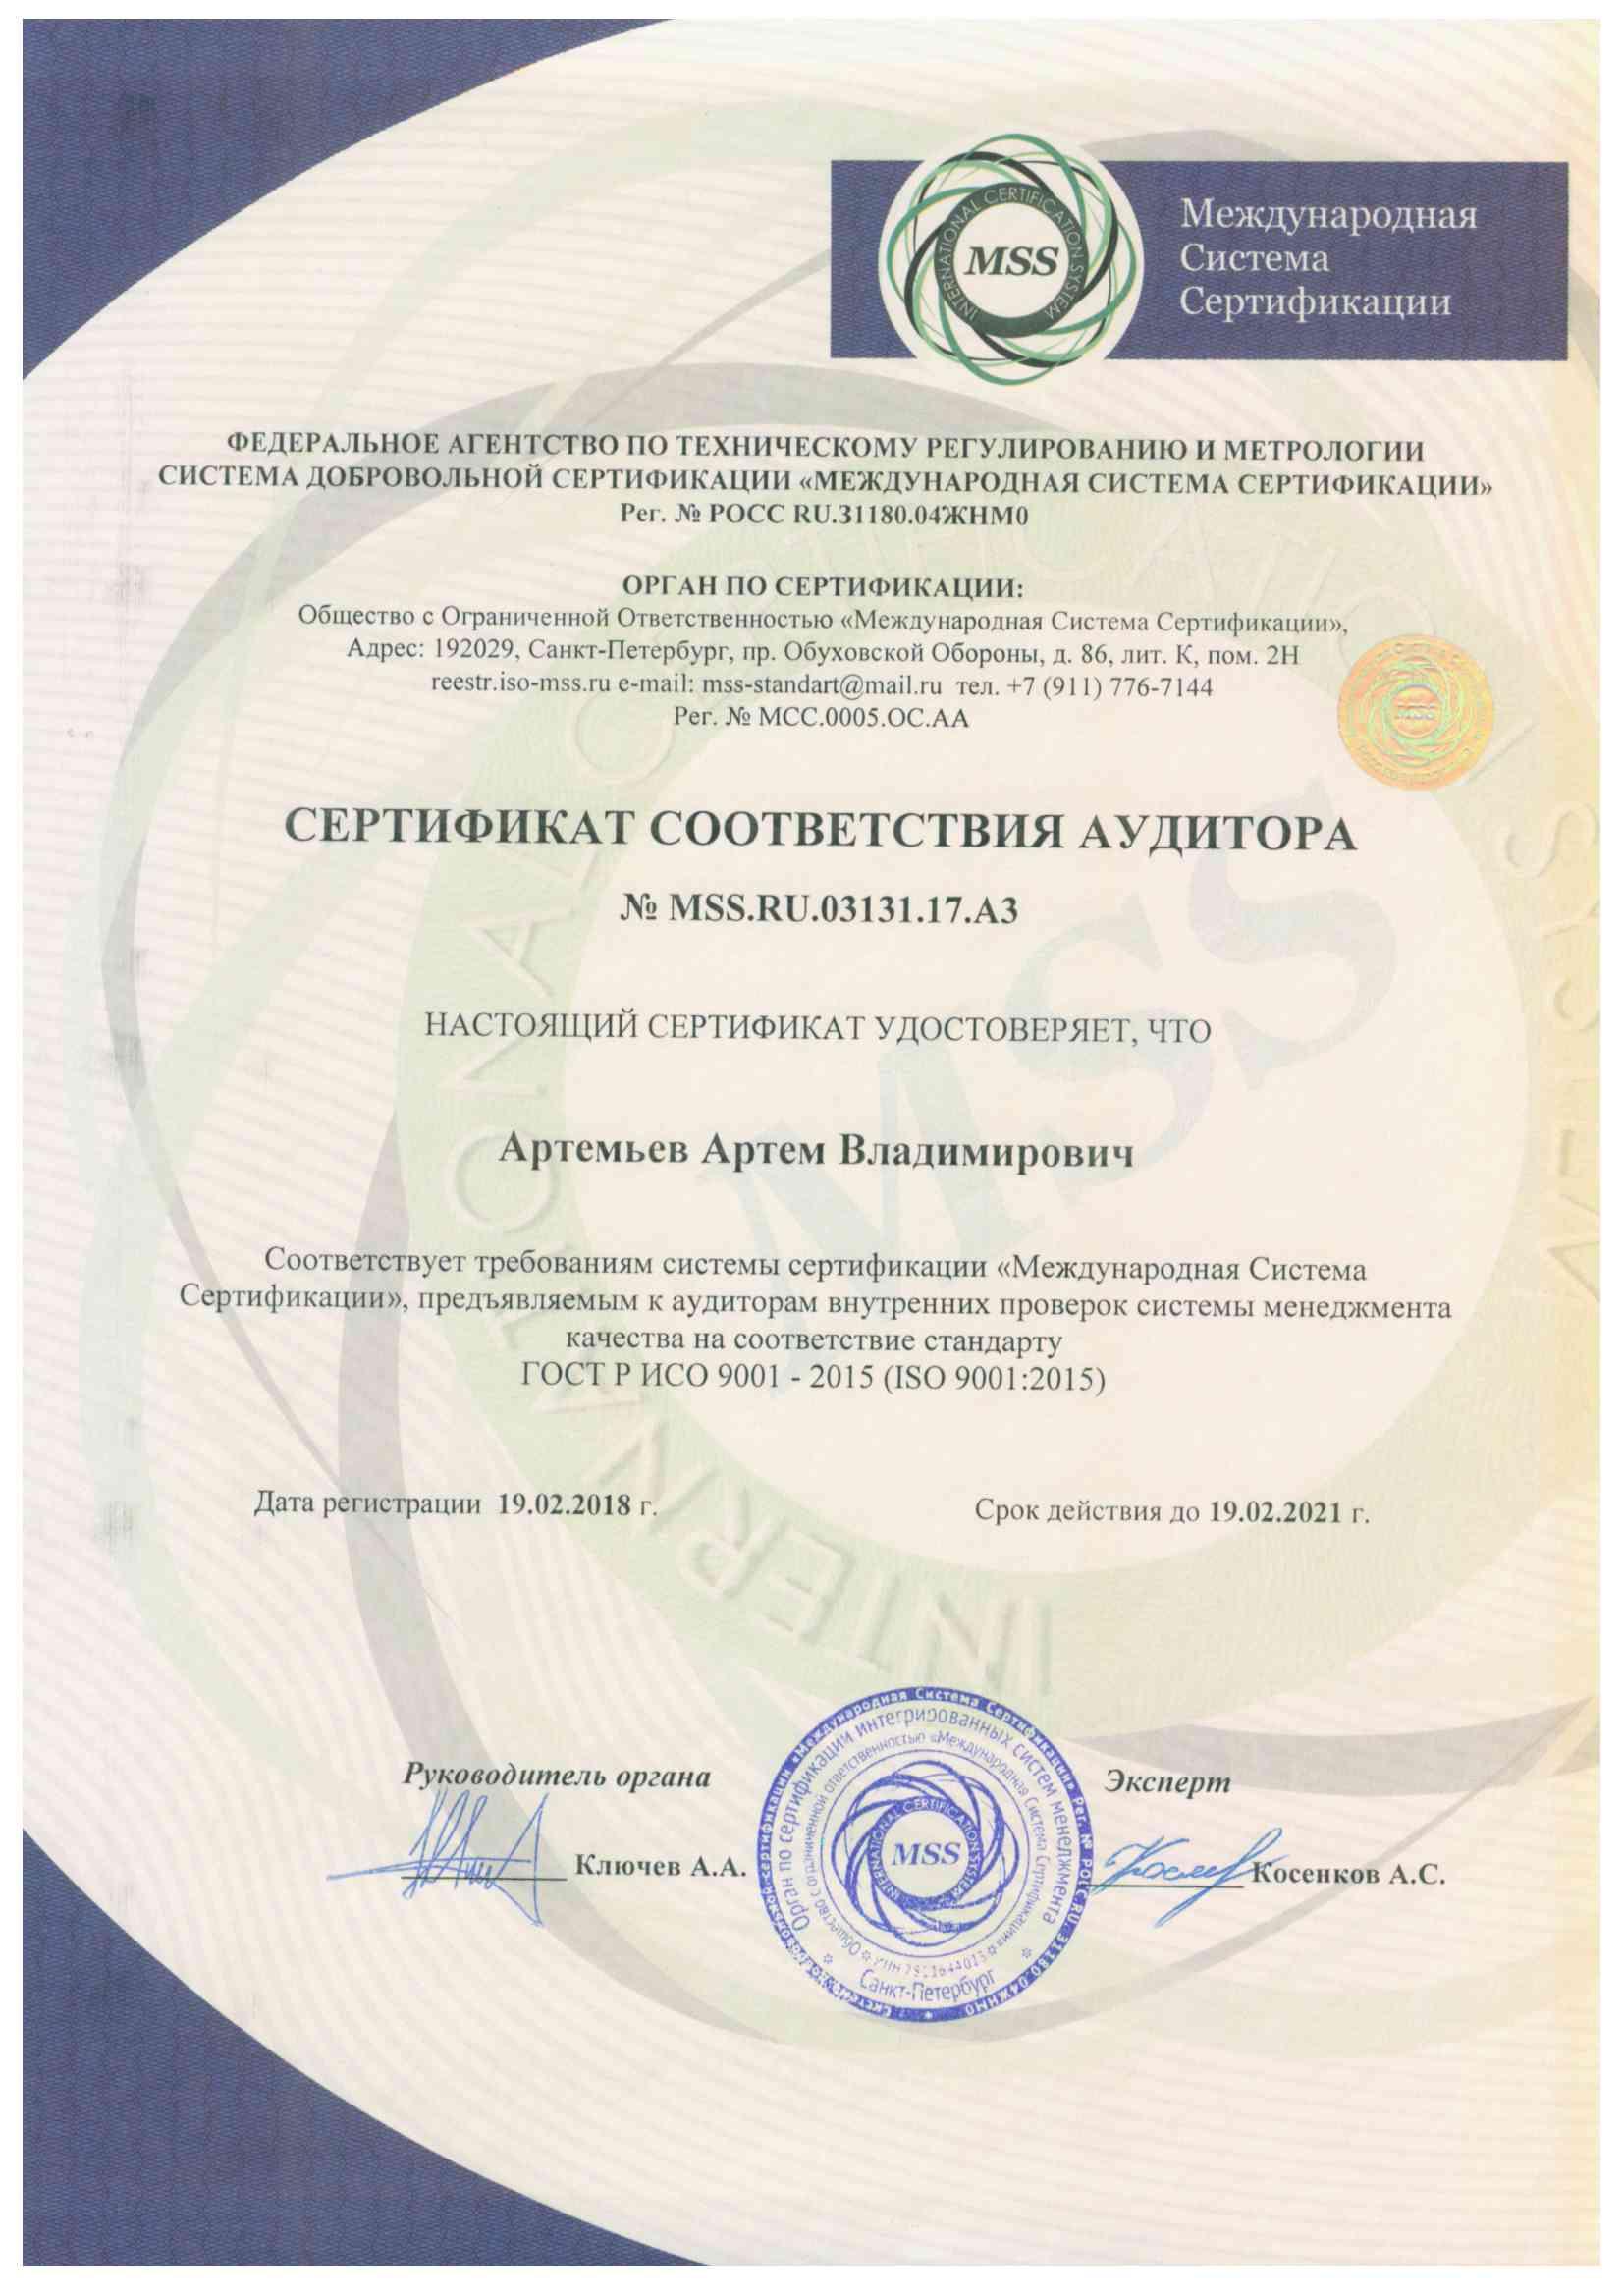 ISO 9001-2015 аудитор Артемьев А.В.